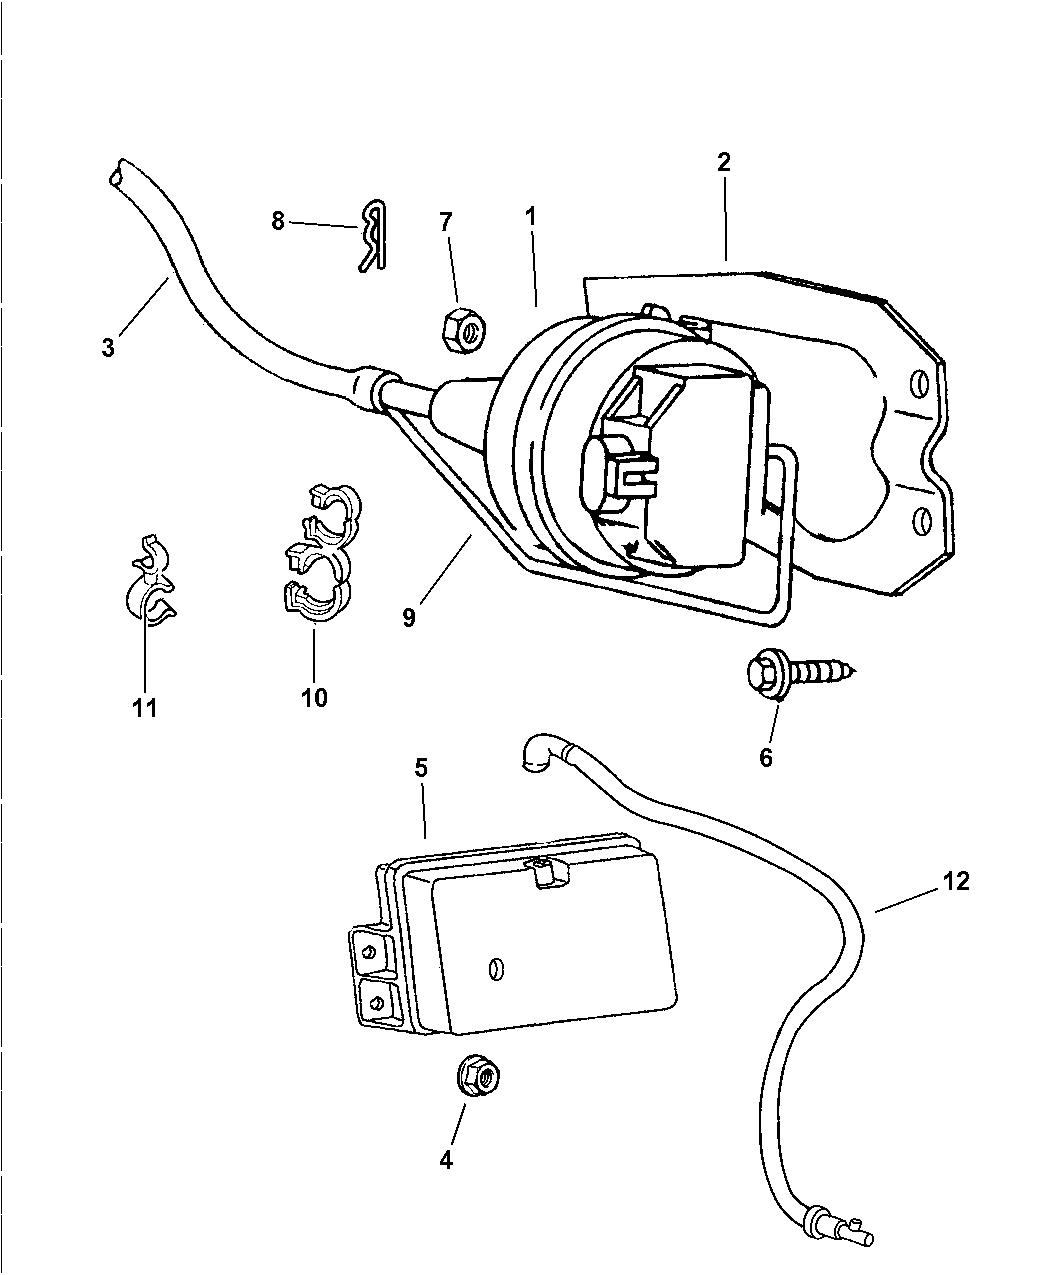 52078323 - Genuine Dodge HARNESS-VACUUM SPEED CONTROL